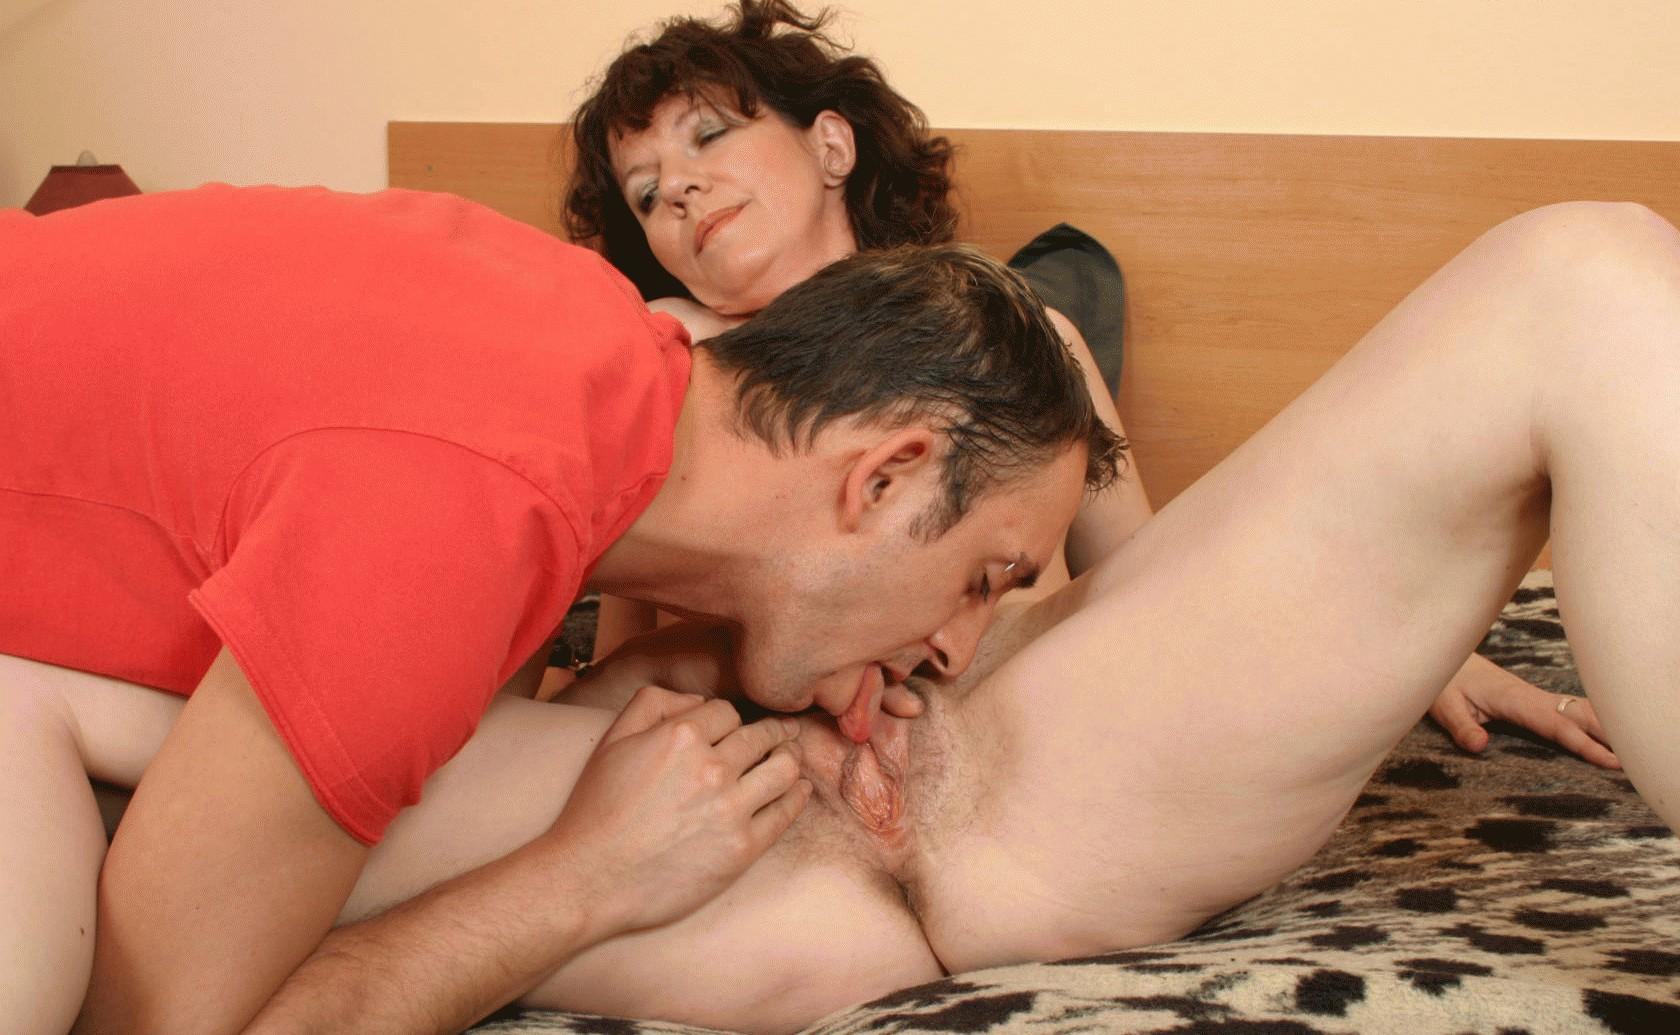 Смотреть видео молодым с порно парнем